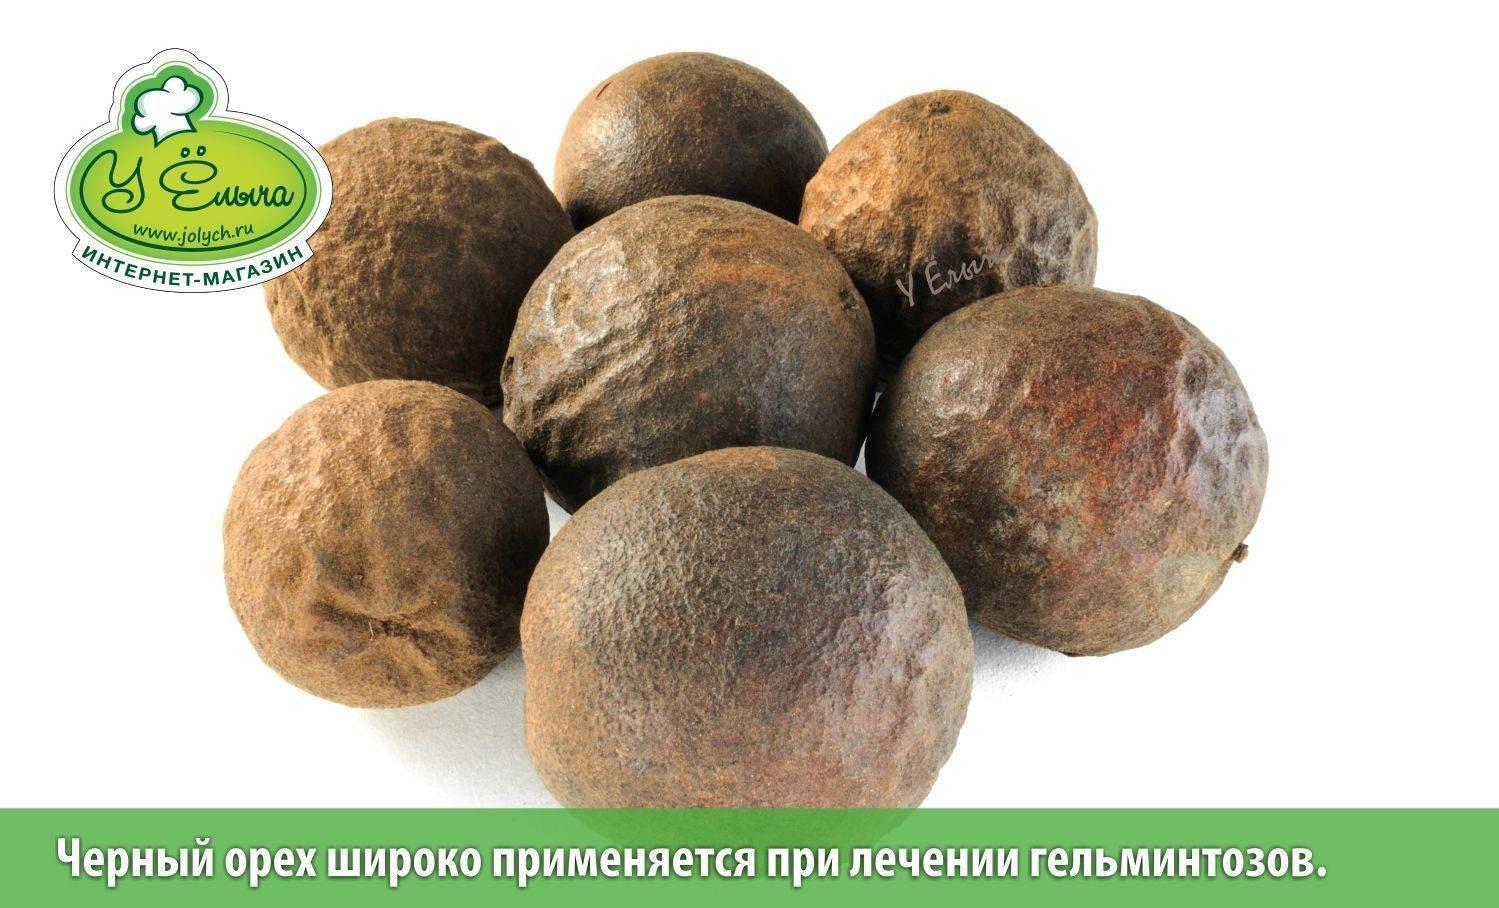 Черный орех: полезные и лечебные свойства, противопоказания и применение